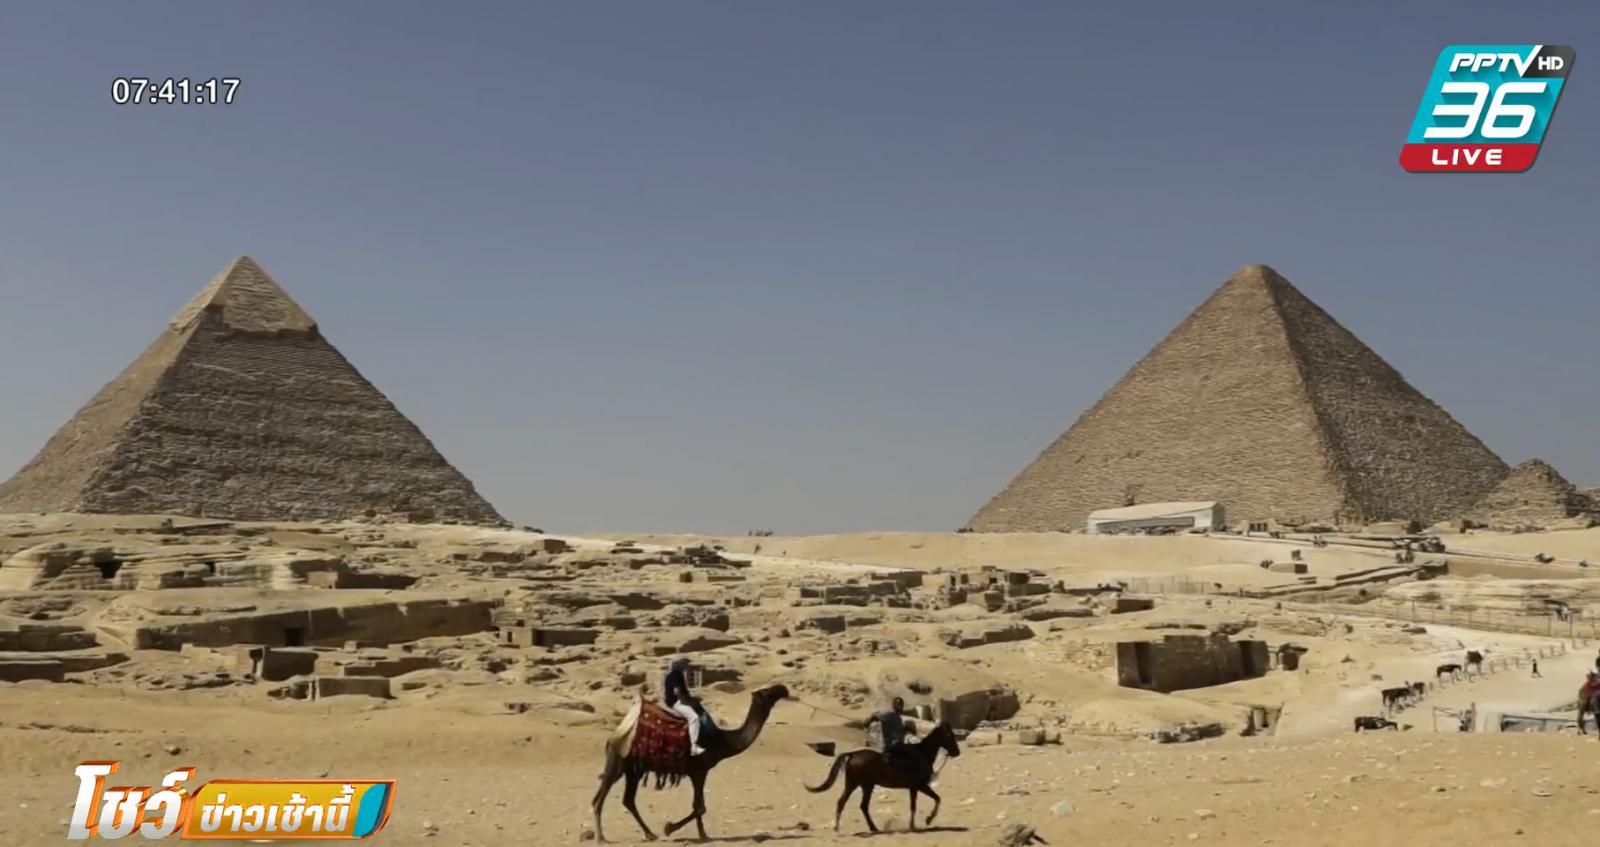 อียิปต์ สร้างทางหลวงตัดที่ราบสูงกีซา